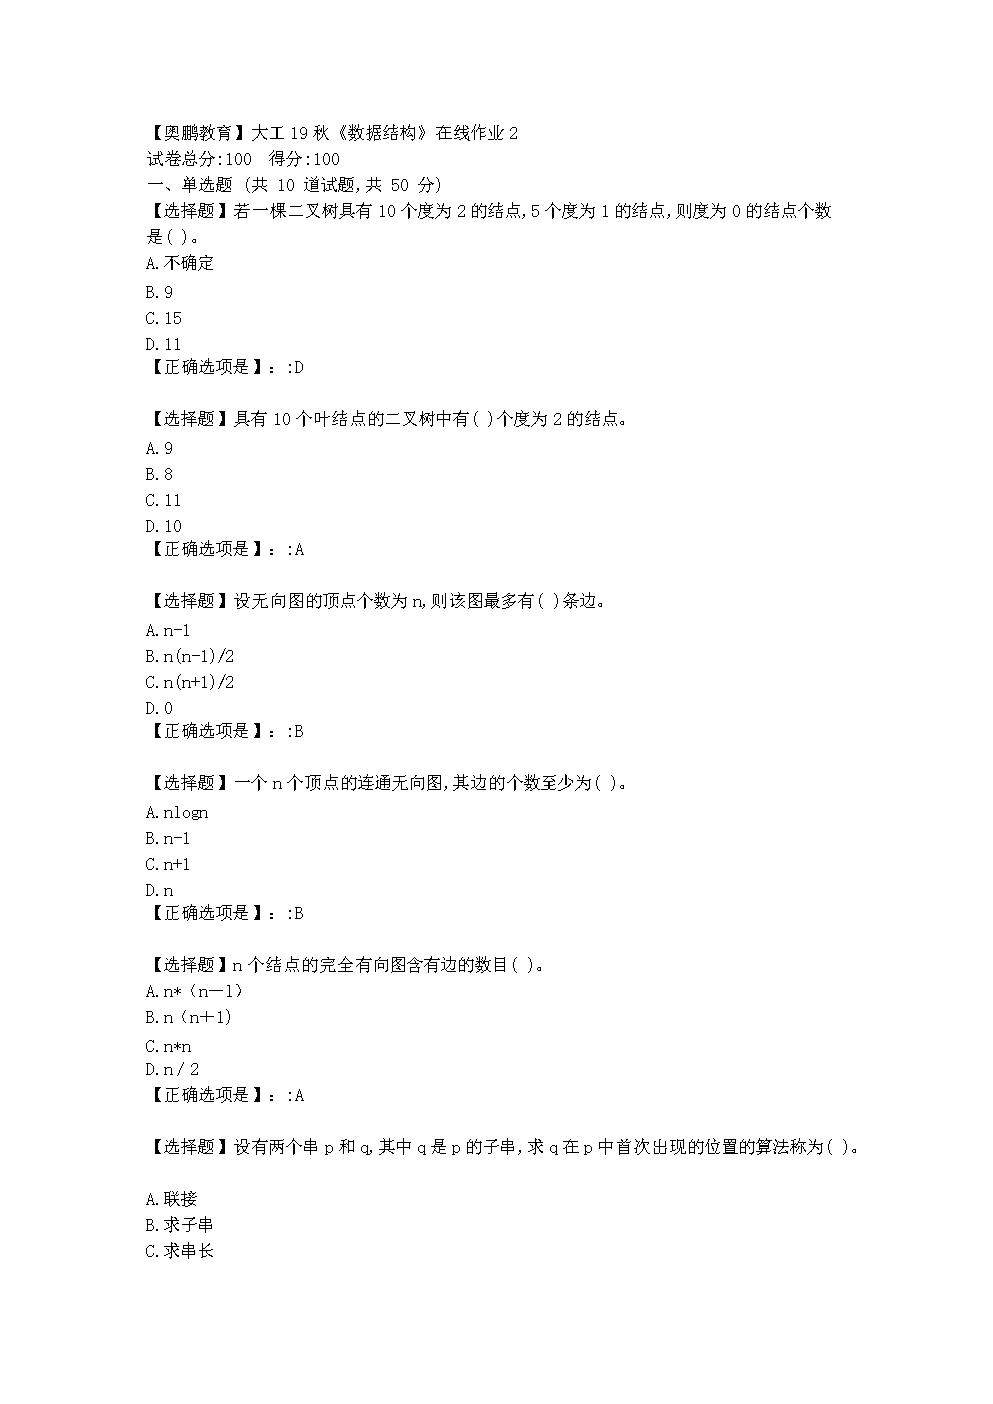 大连理工大学19秋《数据结构》在线作业2学习资料.doc